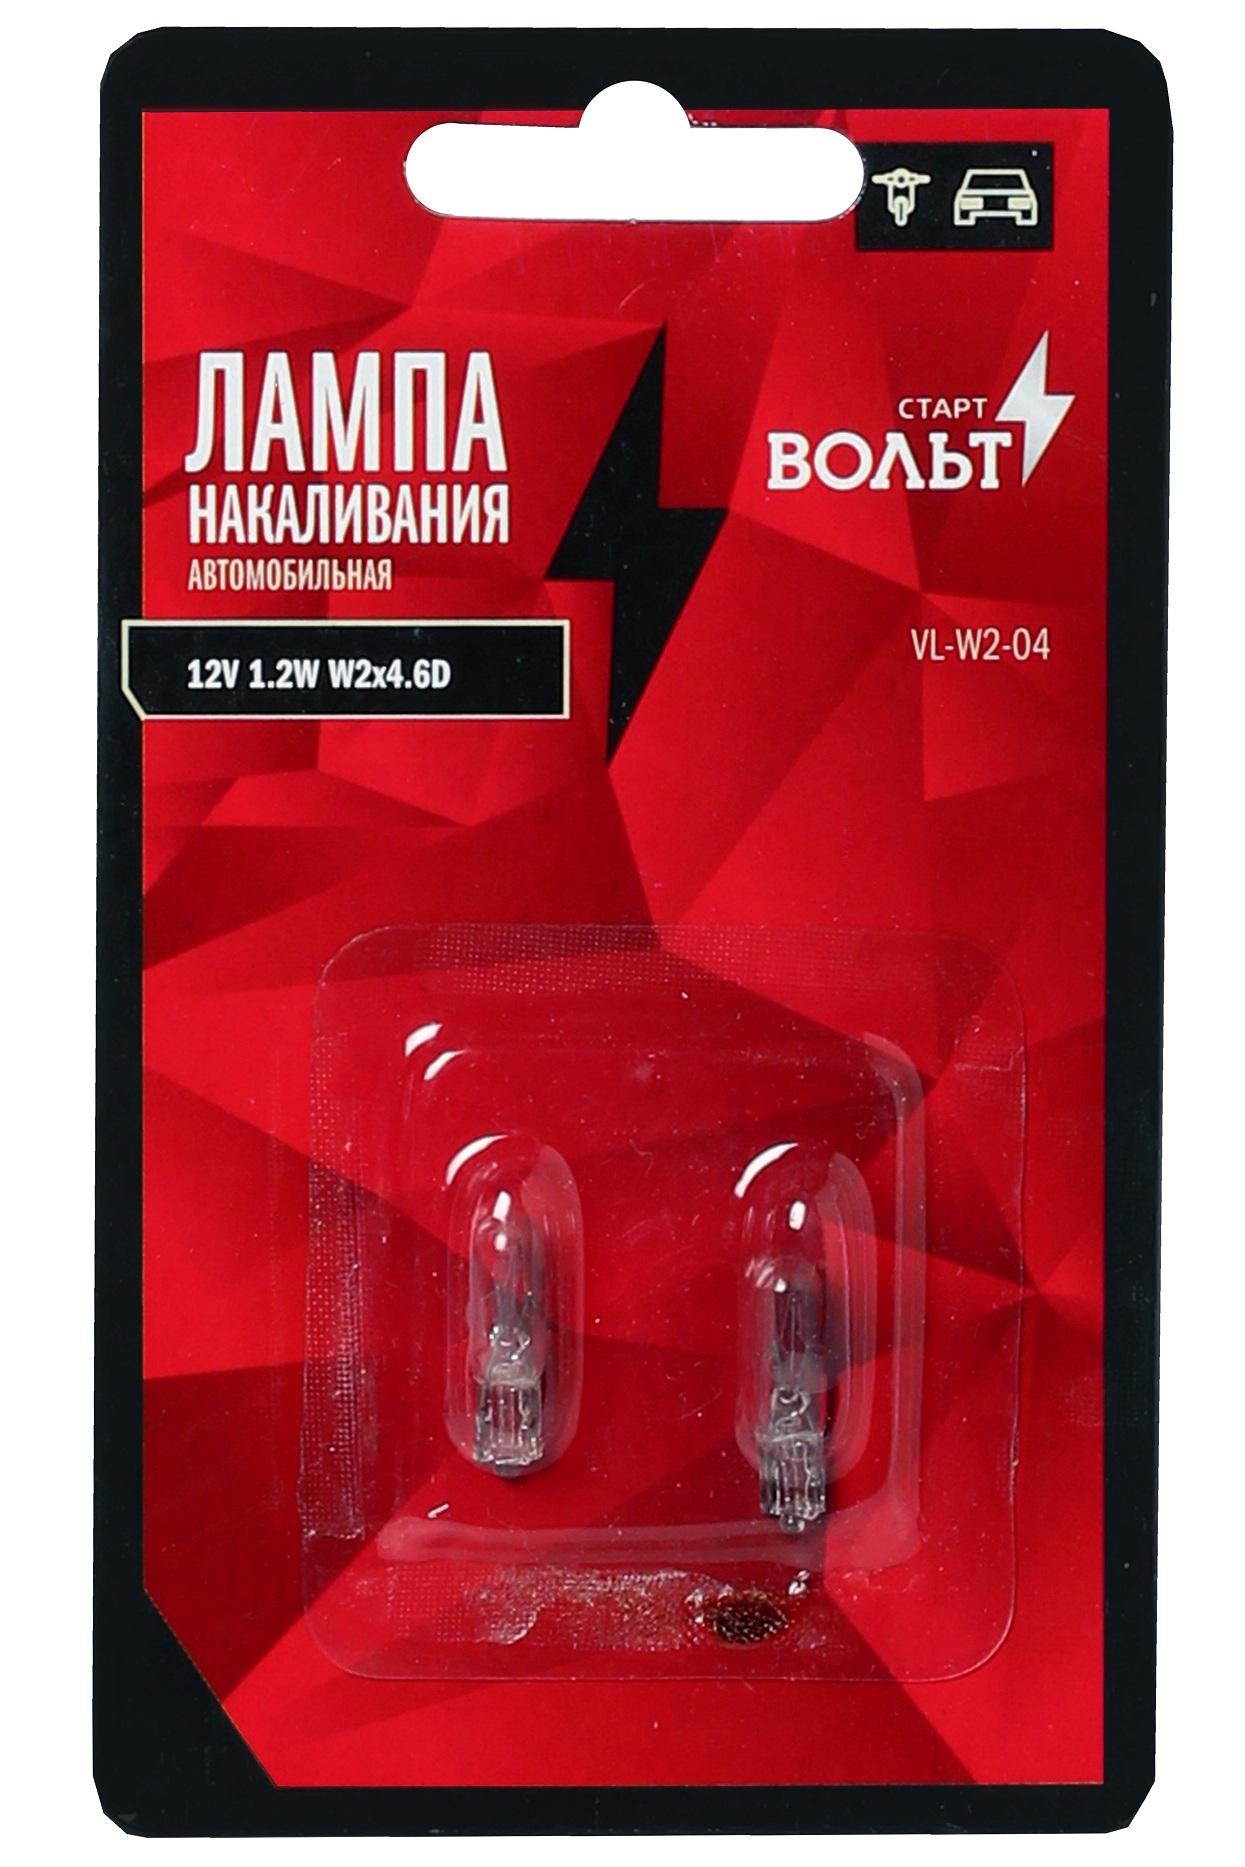 Лампа накаливания в блистере 12V 1.2W W2x4.6D StartVolt